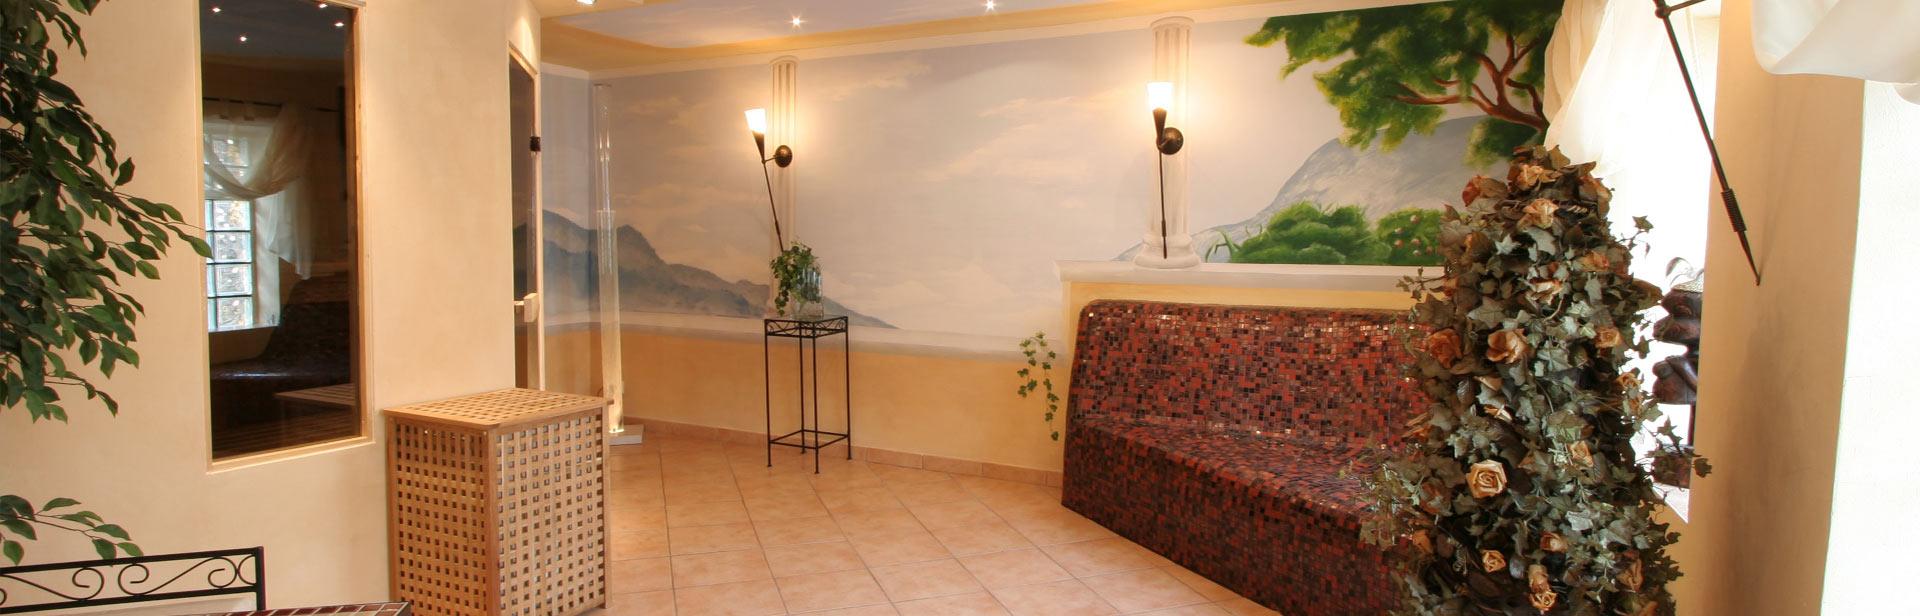 reservierung im hotel residence bremen n he des. Black Bedroom Furniture Sets. Home Design Ideas